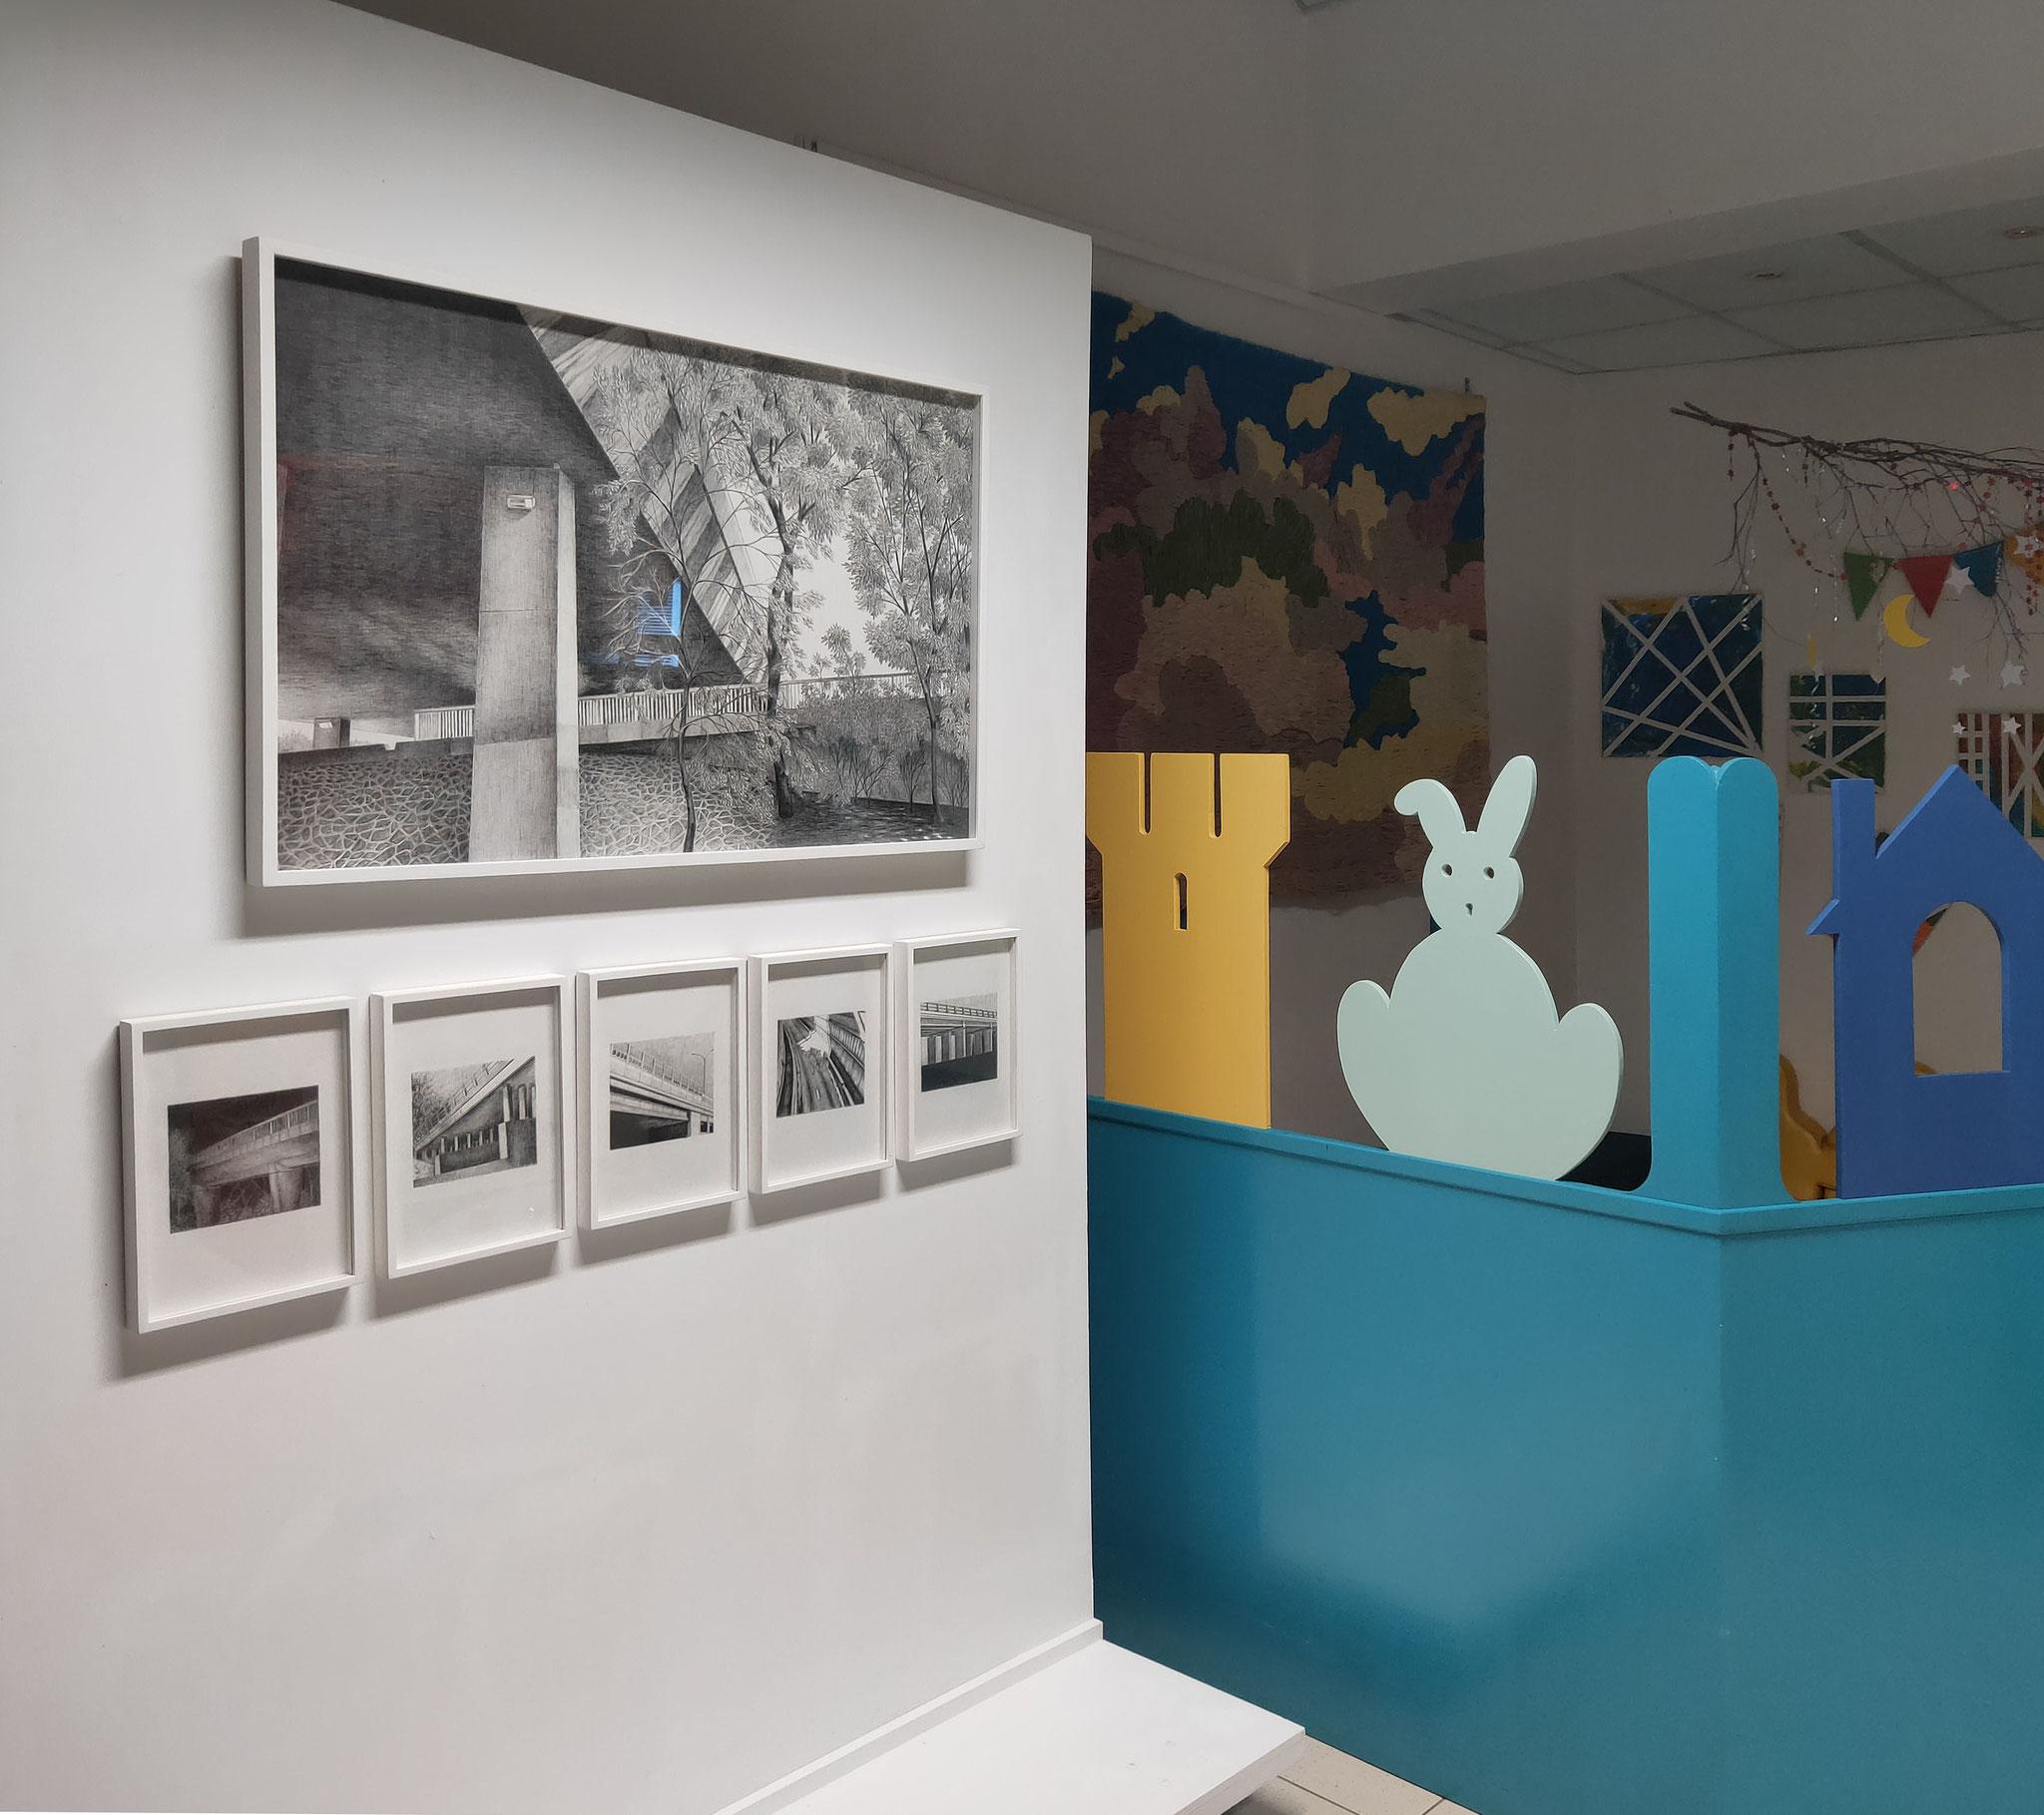 Vue de l'exposition Dorian Cohen, Les images grisées